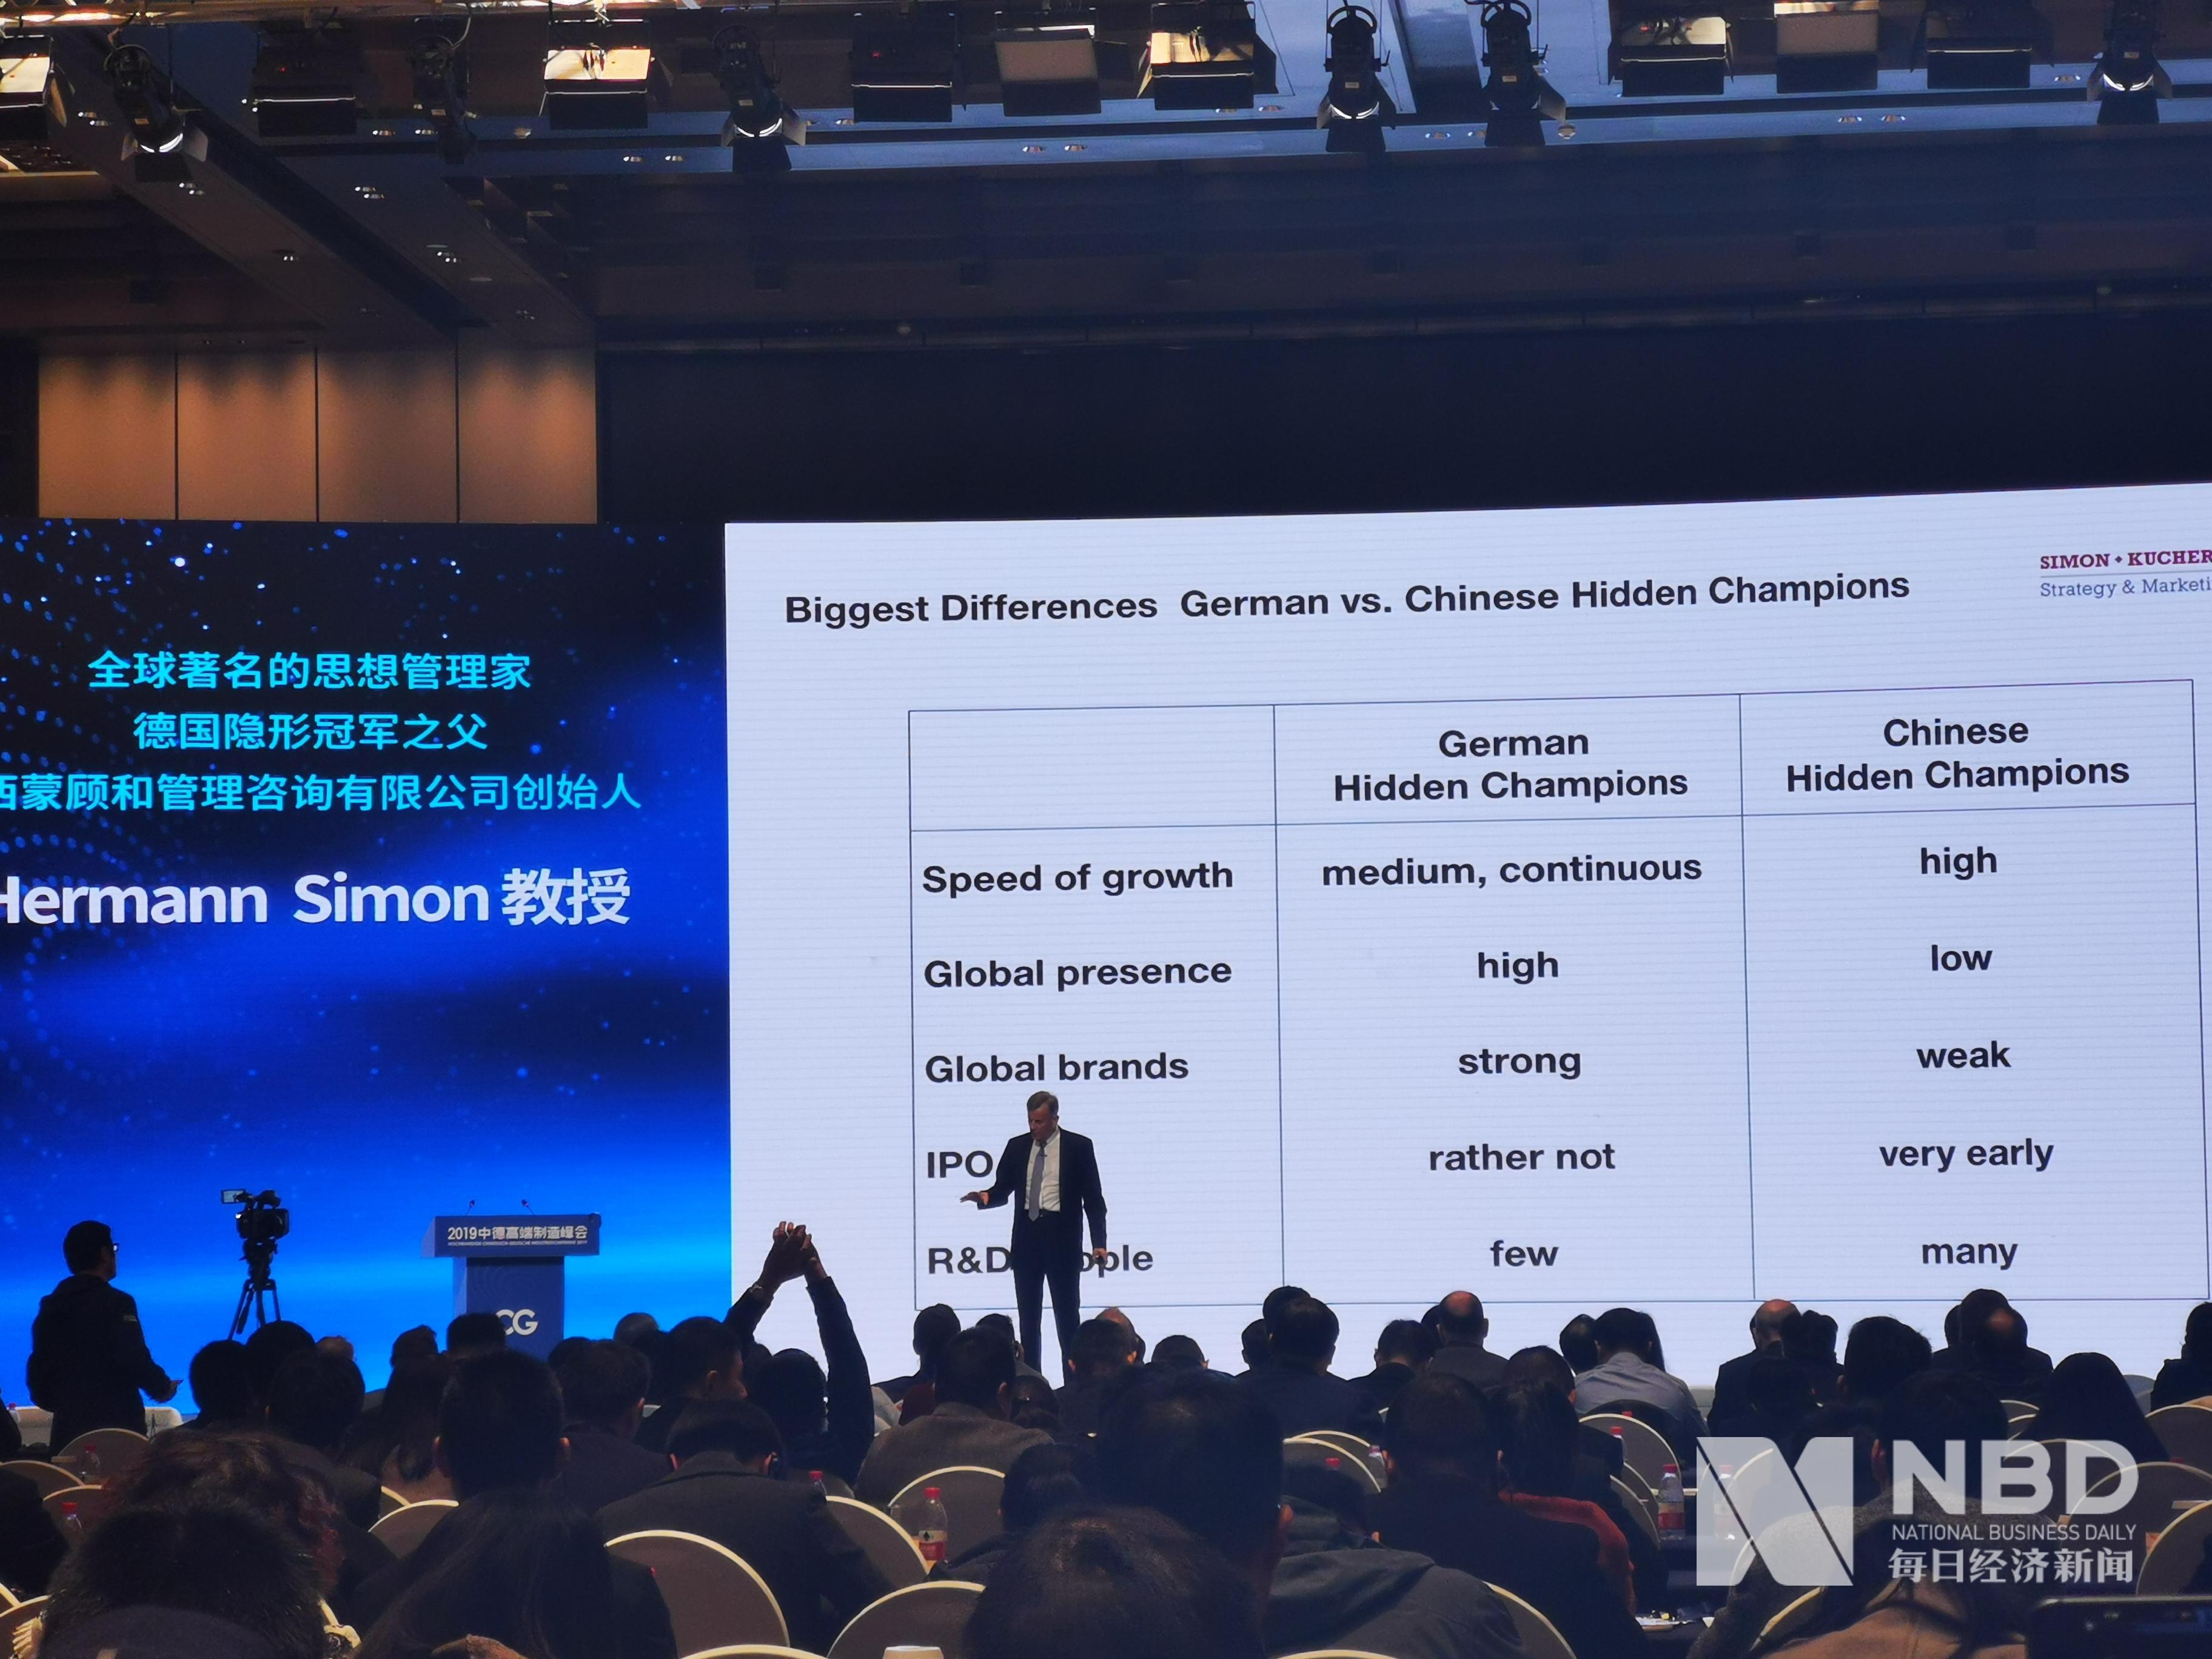 """德国""""隐形冠军之父""""赫尔曼·西蒙:中国隐形冠军企业更偏爱在发展早期IPO"""